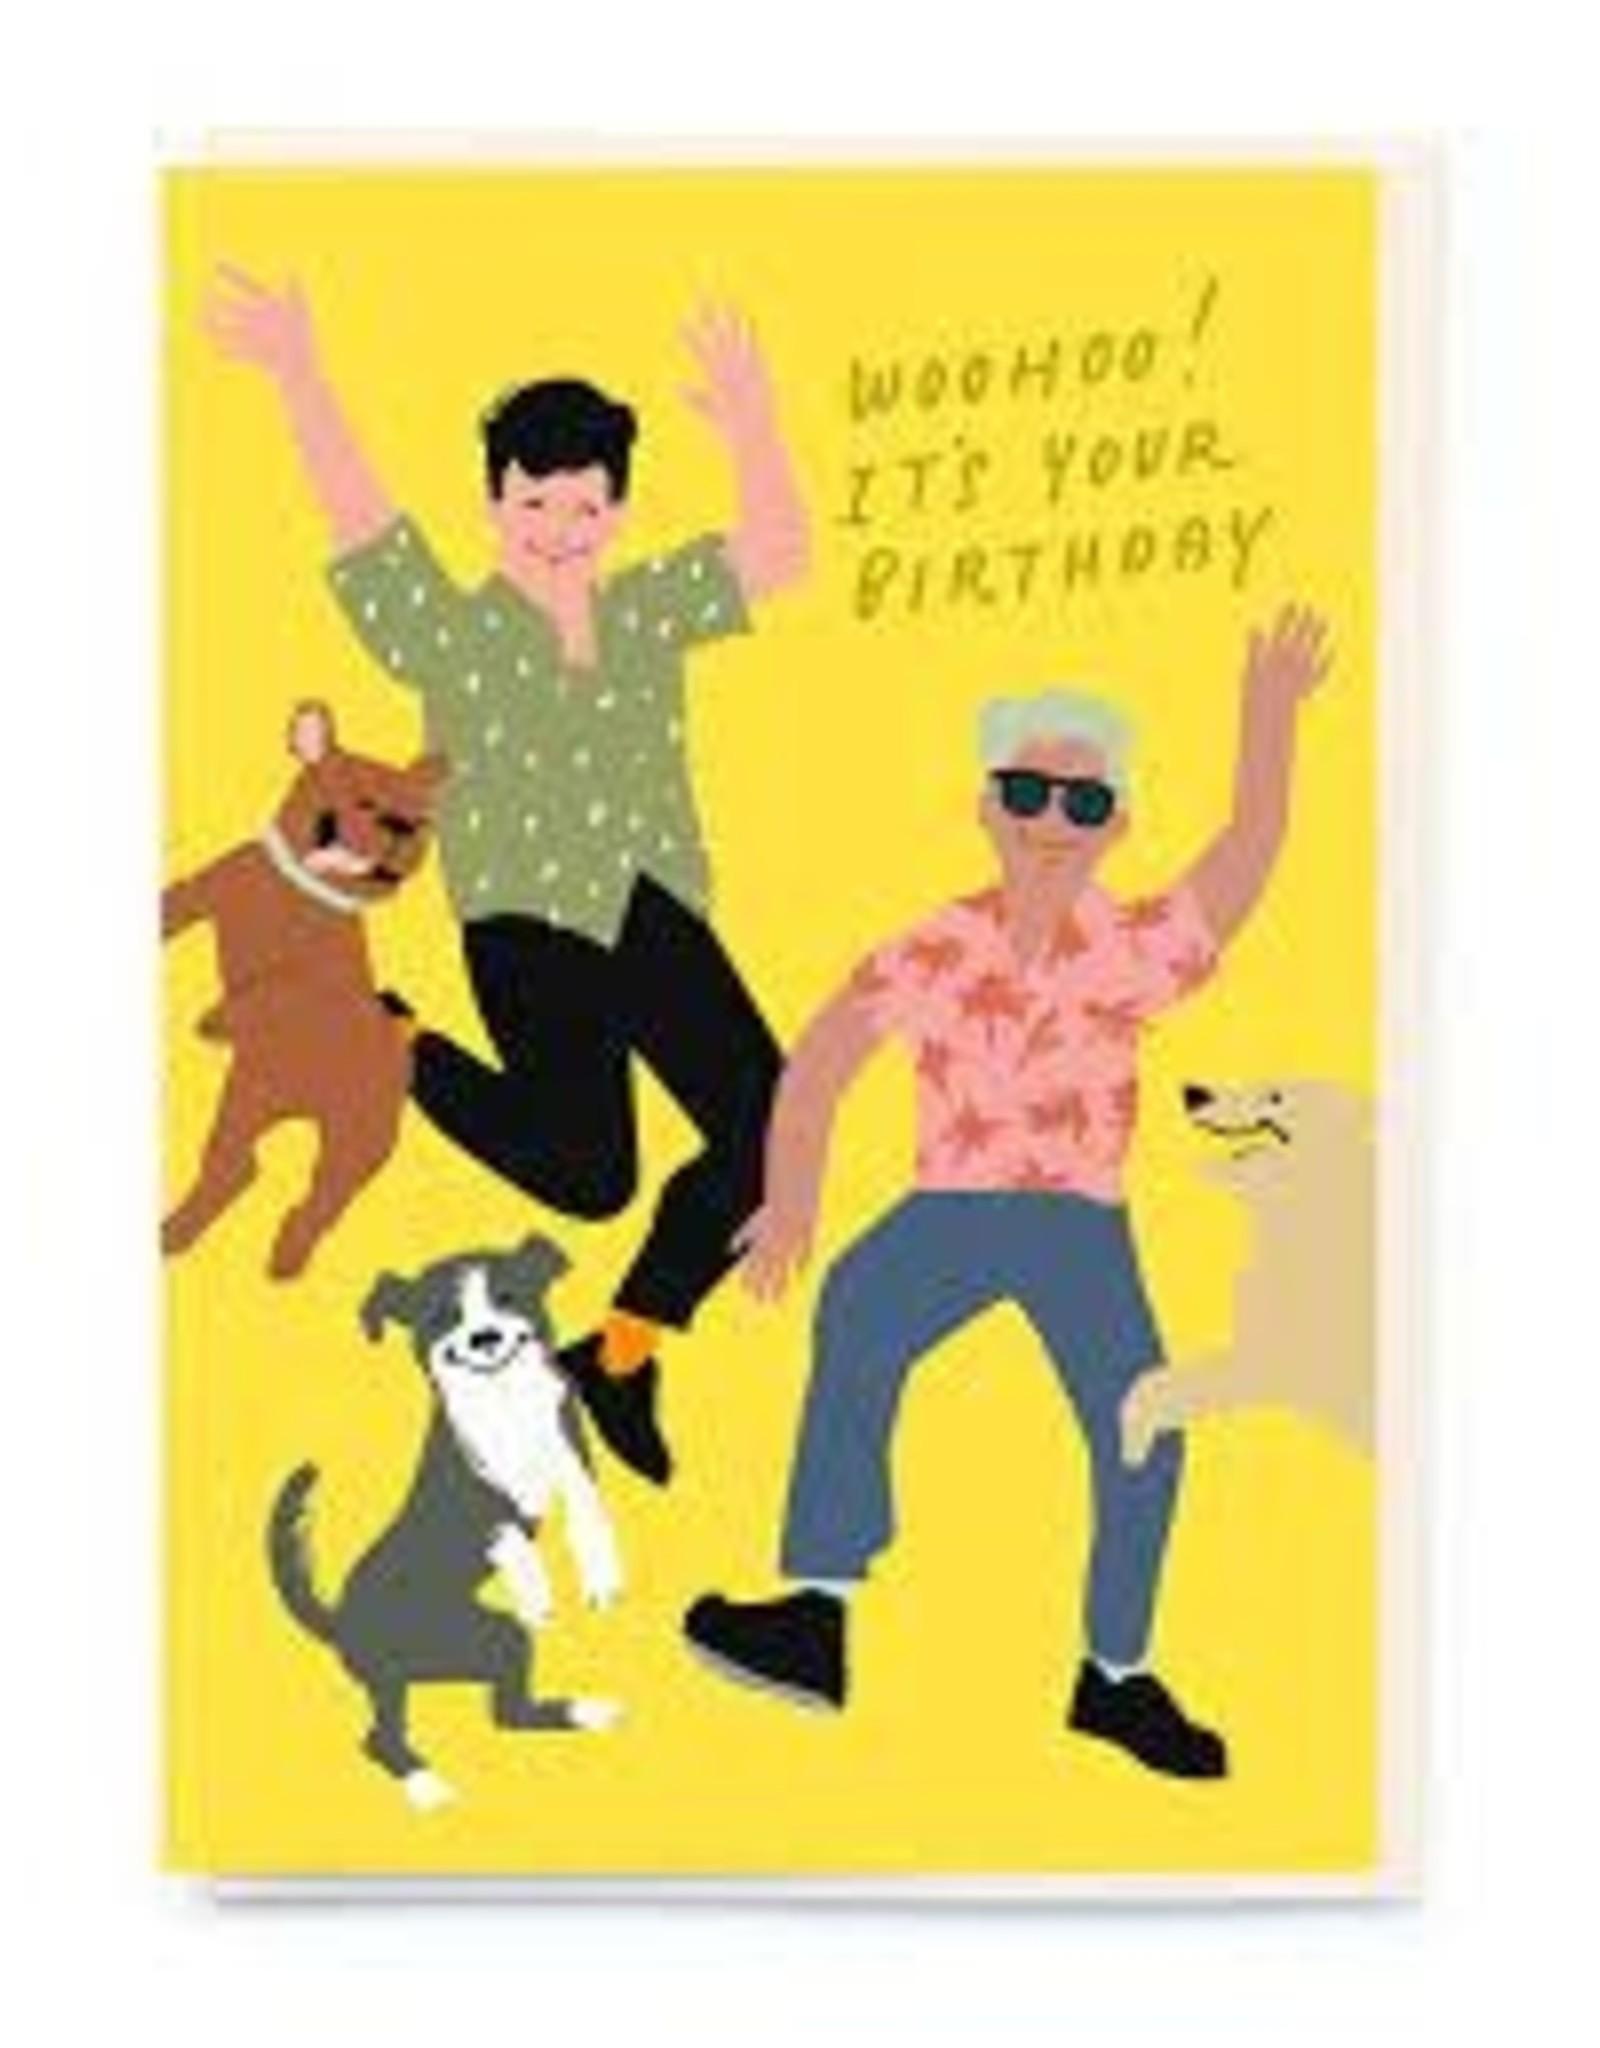 Birthday - WOOHOO!